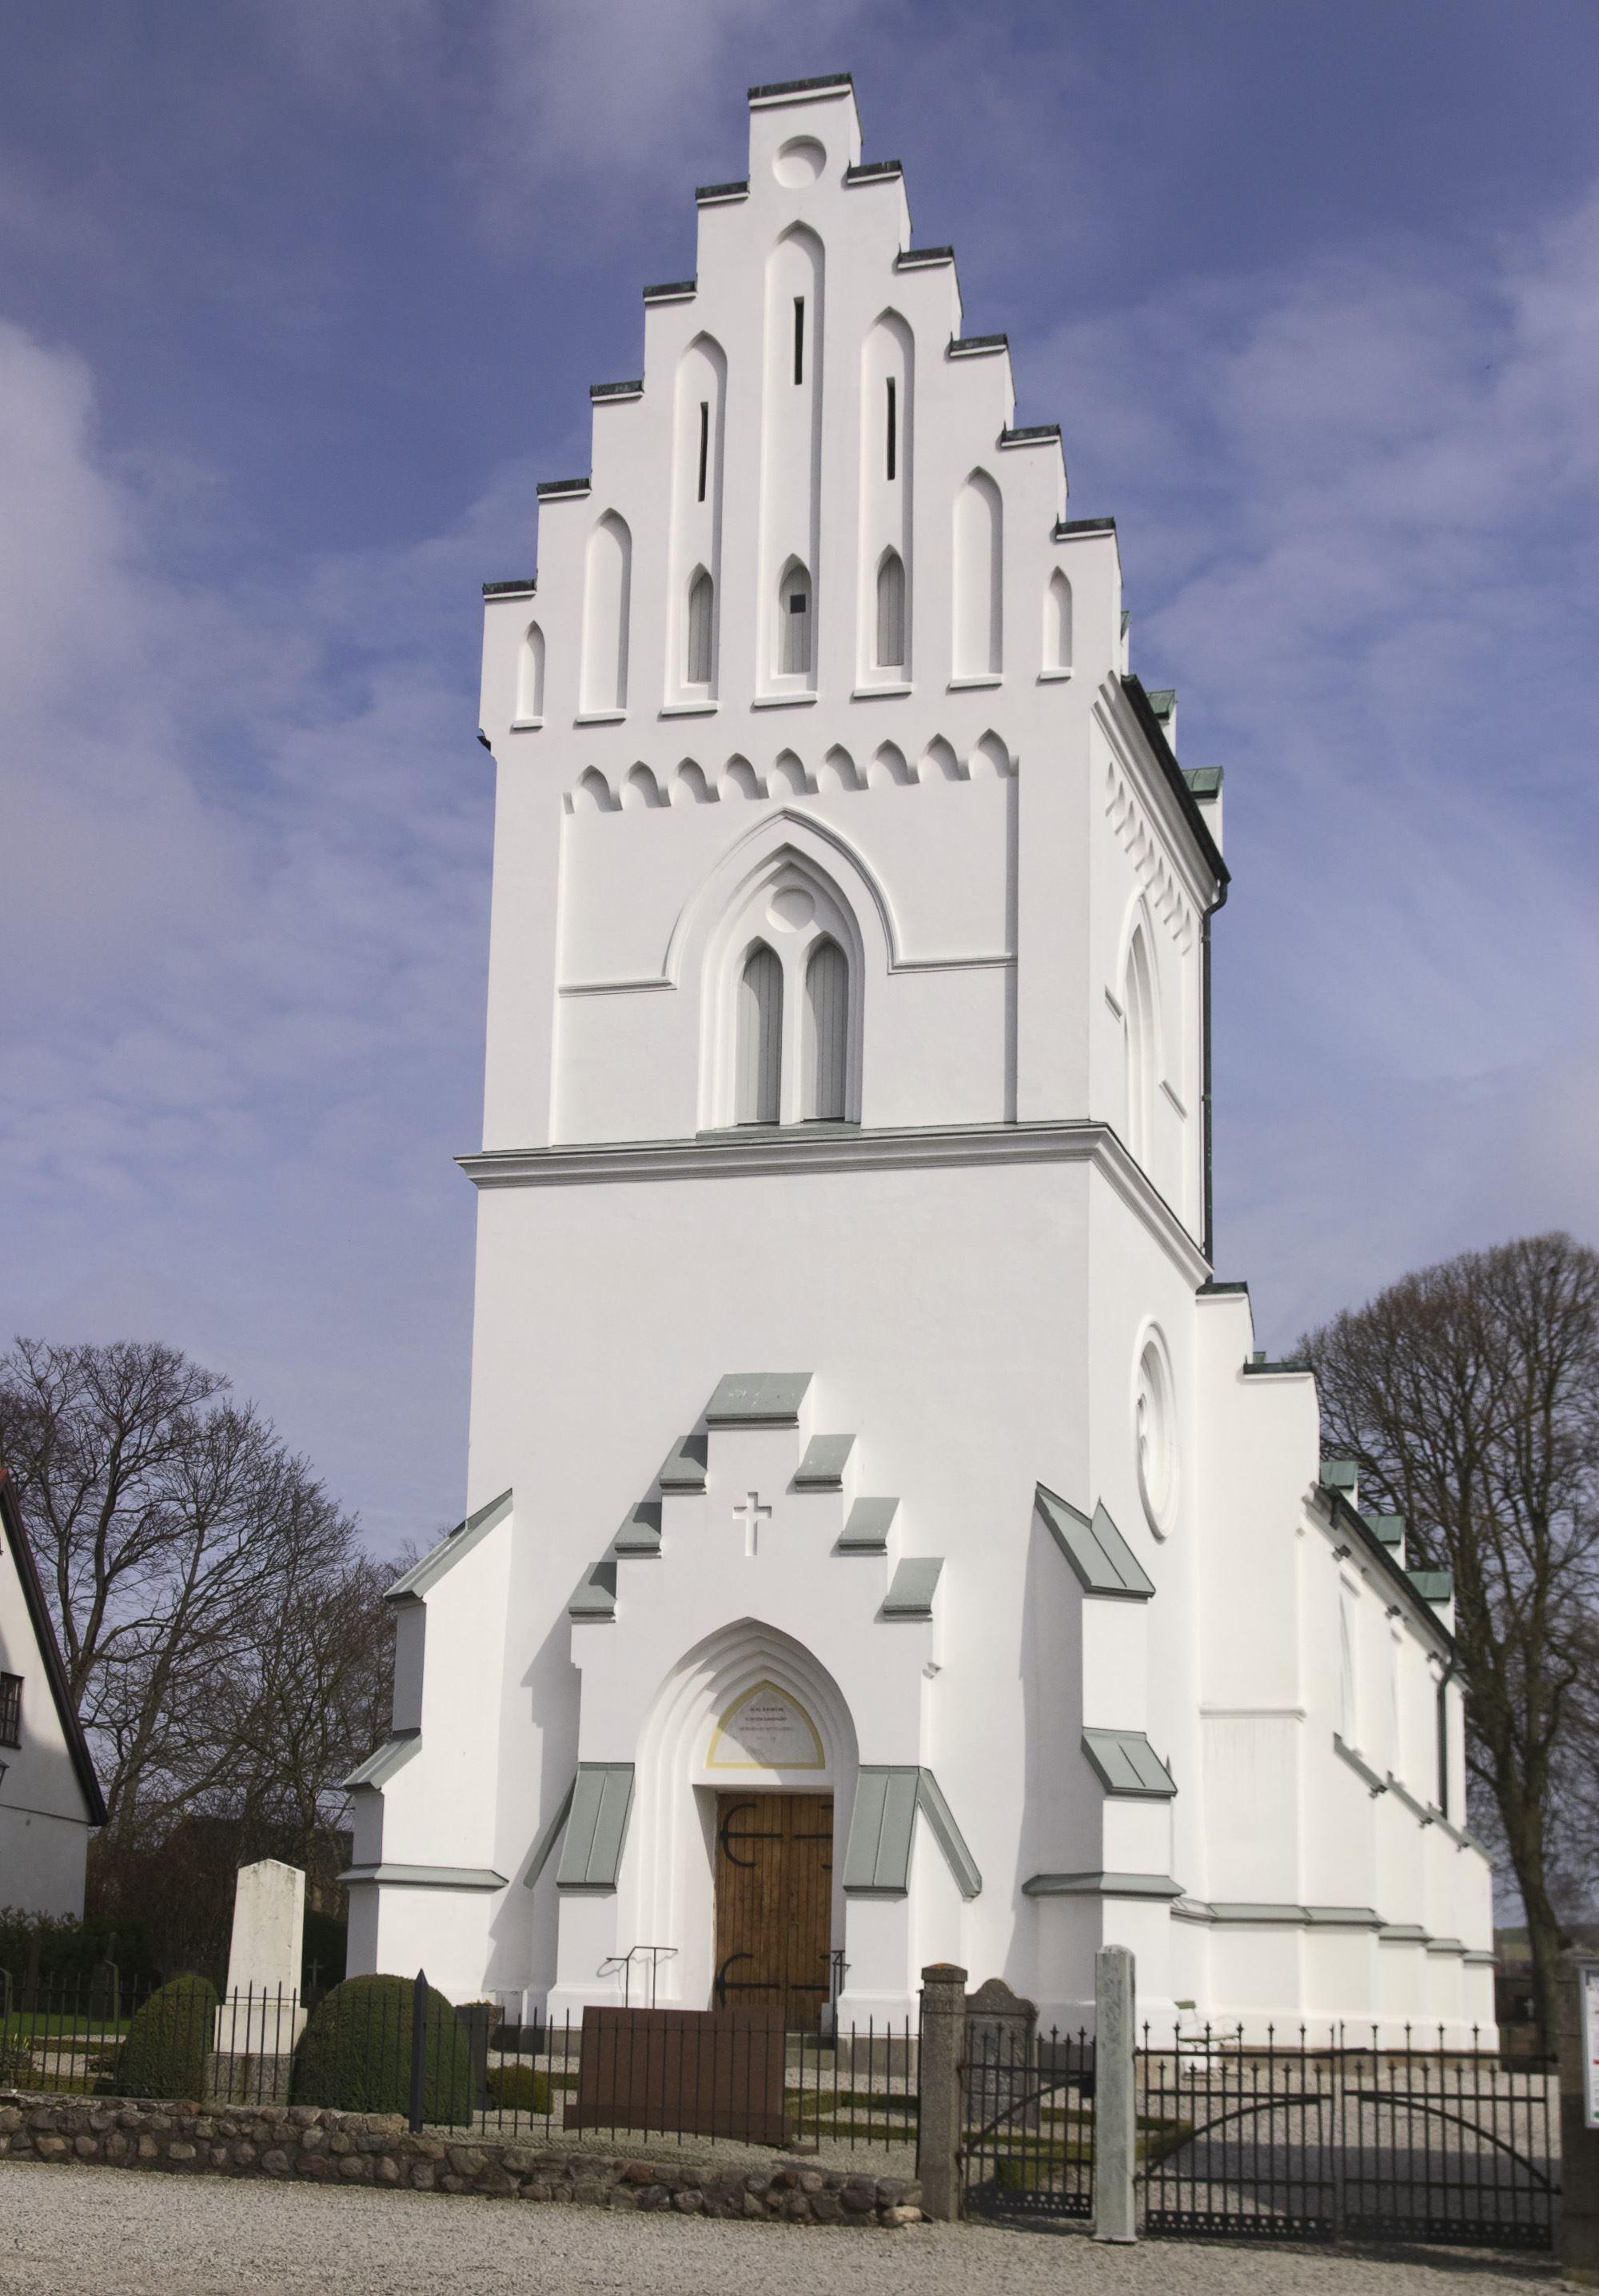 Arrie kyrka